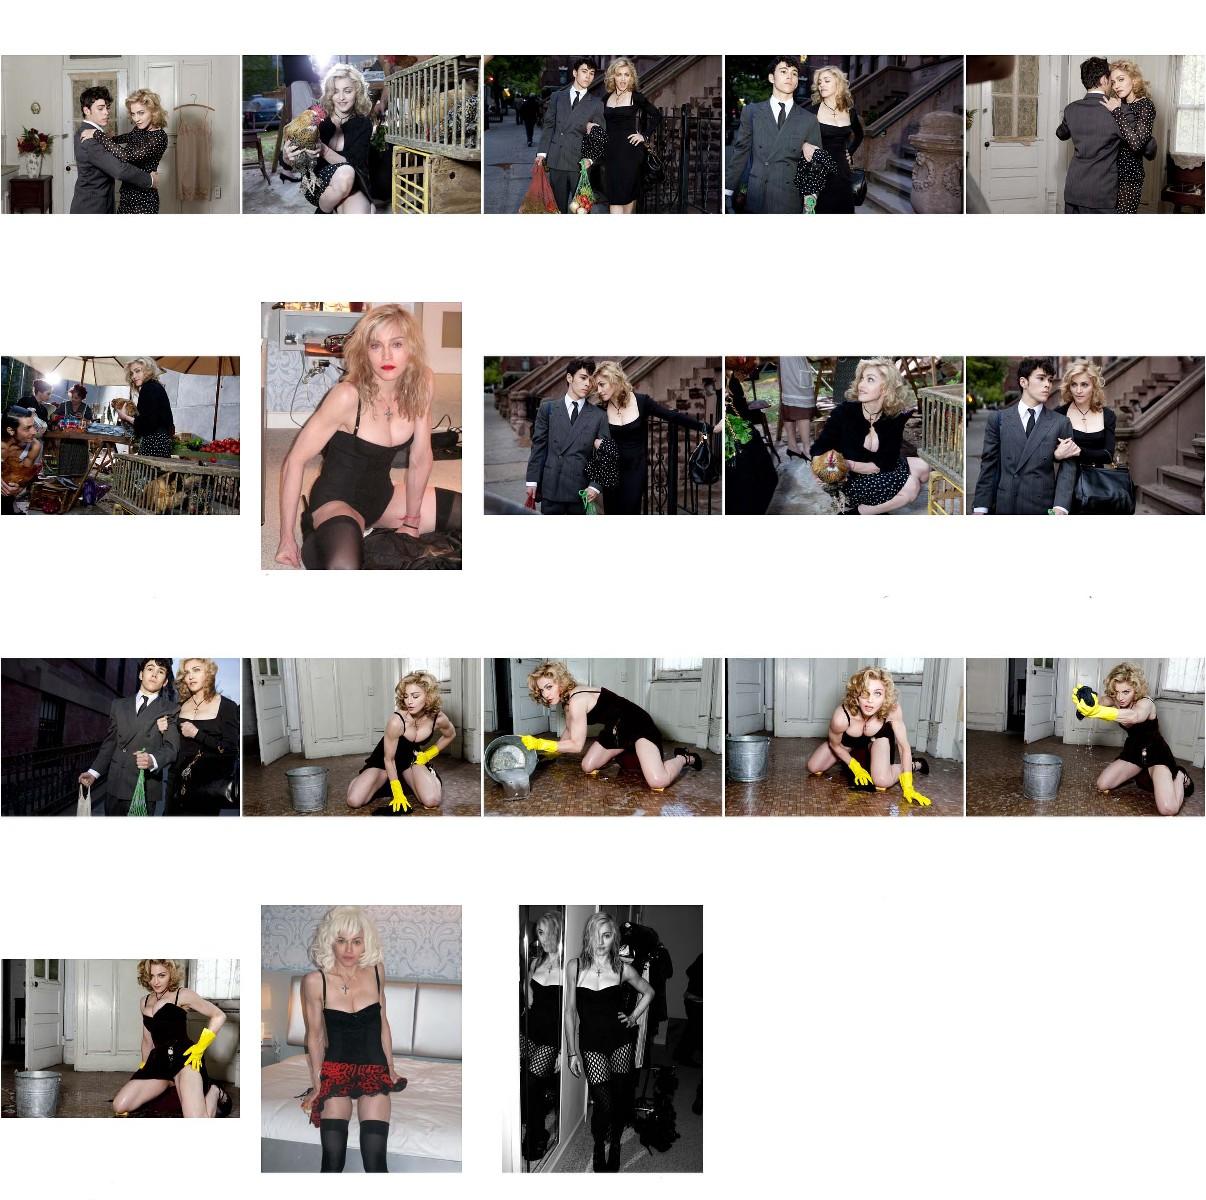 2010 Madonna outtake by Steven Klein for Dolce & Gabbana-outtakes-madonnaturkiye